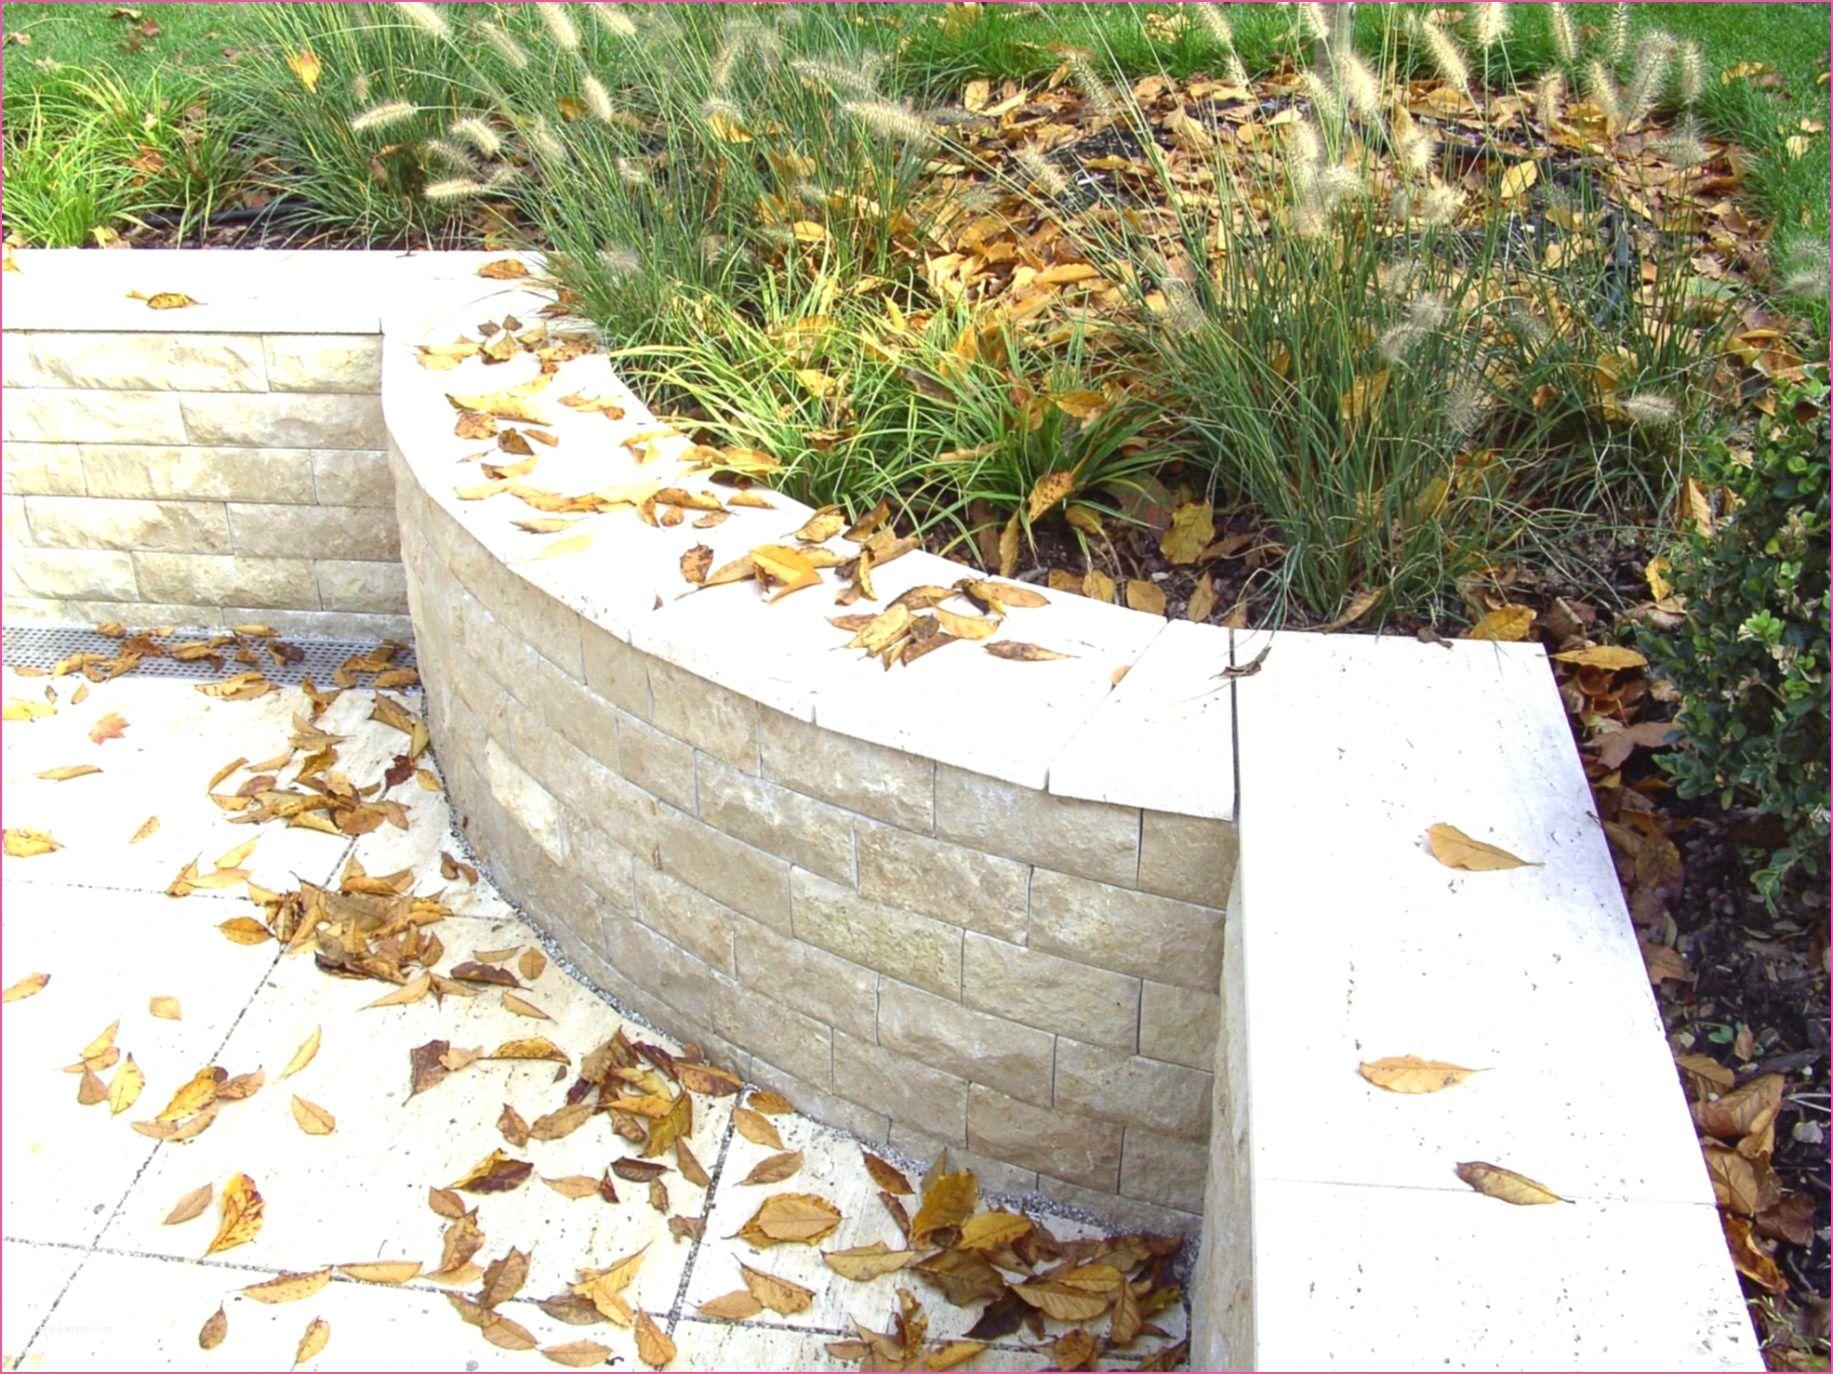 Hochbeet Abdeckung Plexiglas In 2020 Garten Landschaftsbau Landschaftspflege Gartengestaltung Bilder